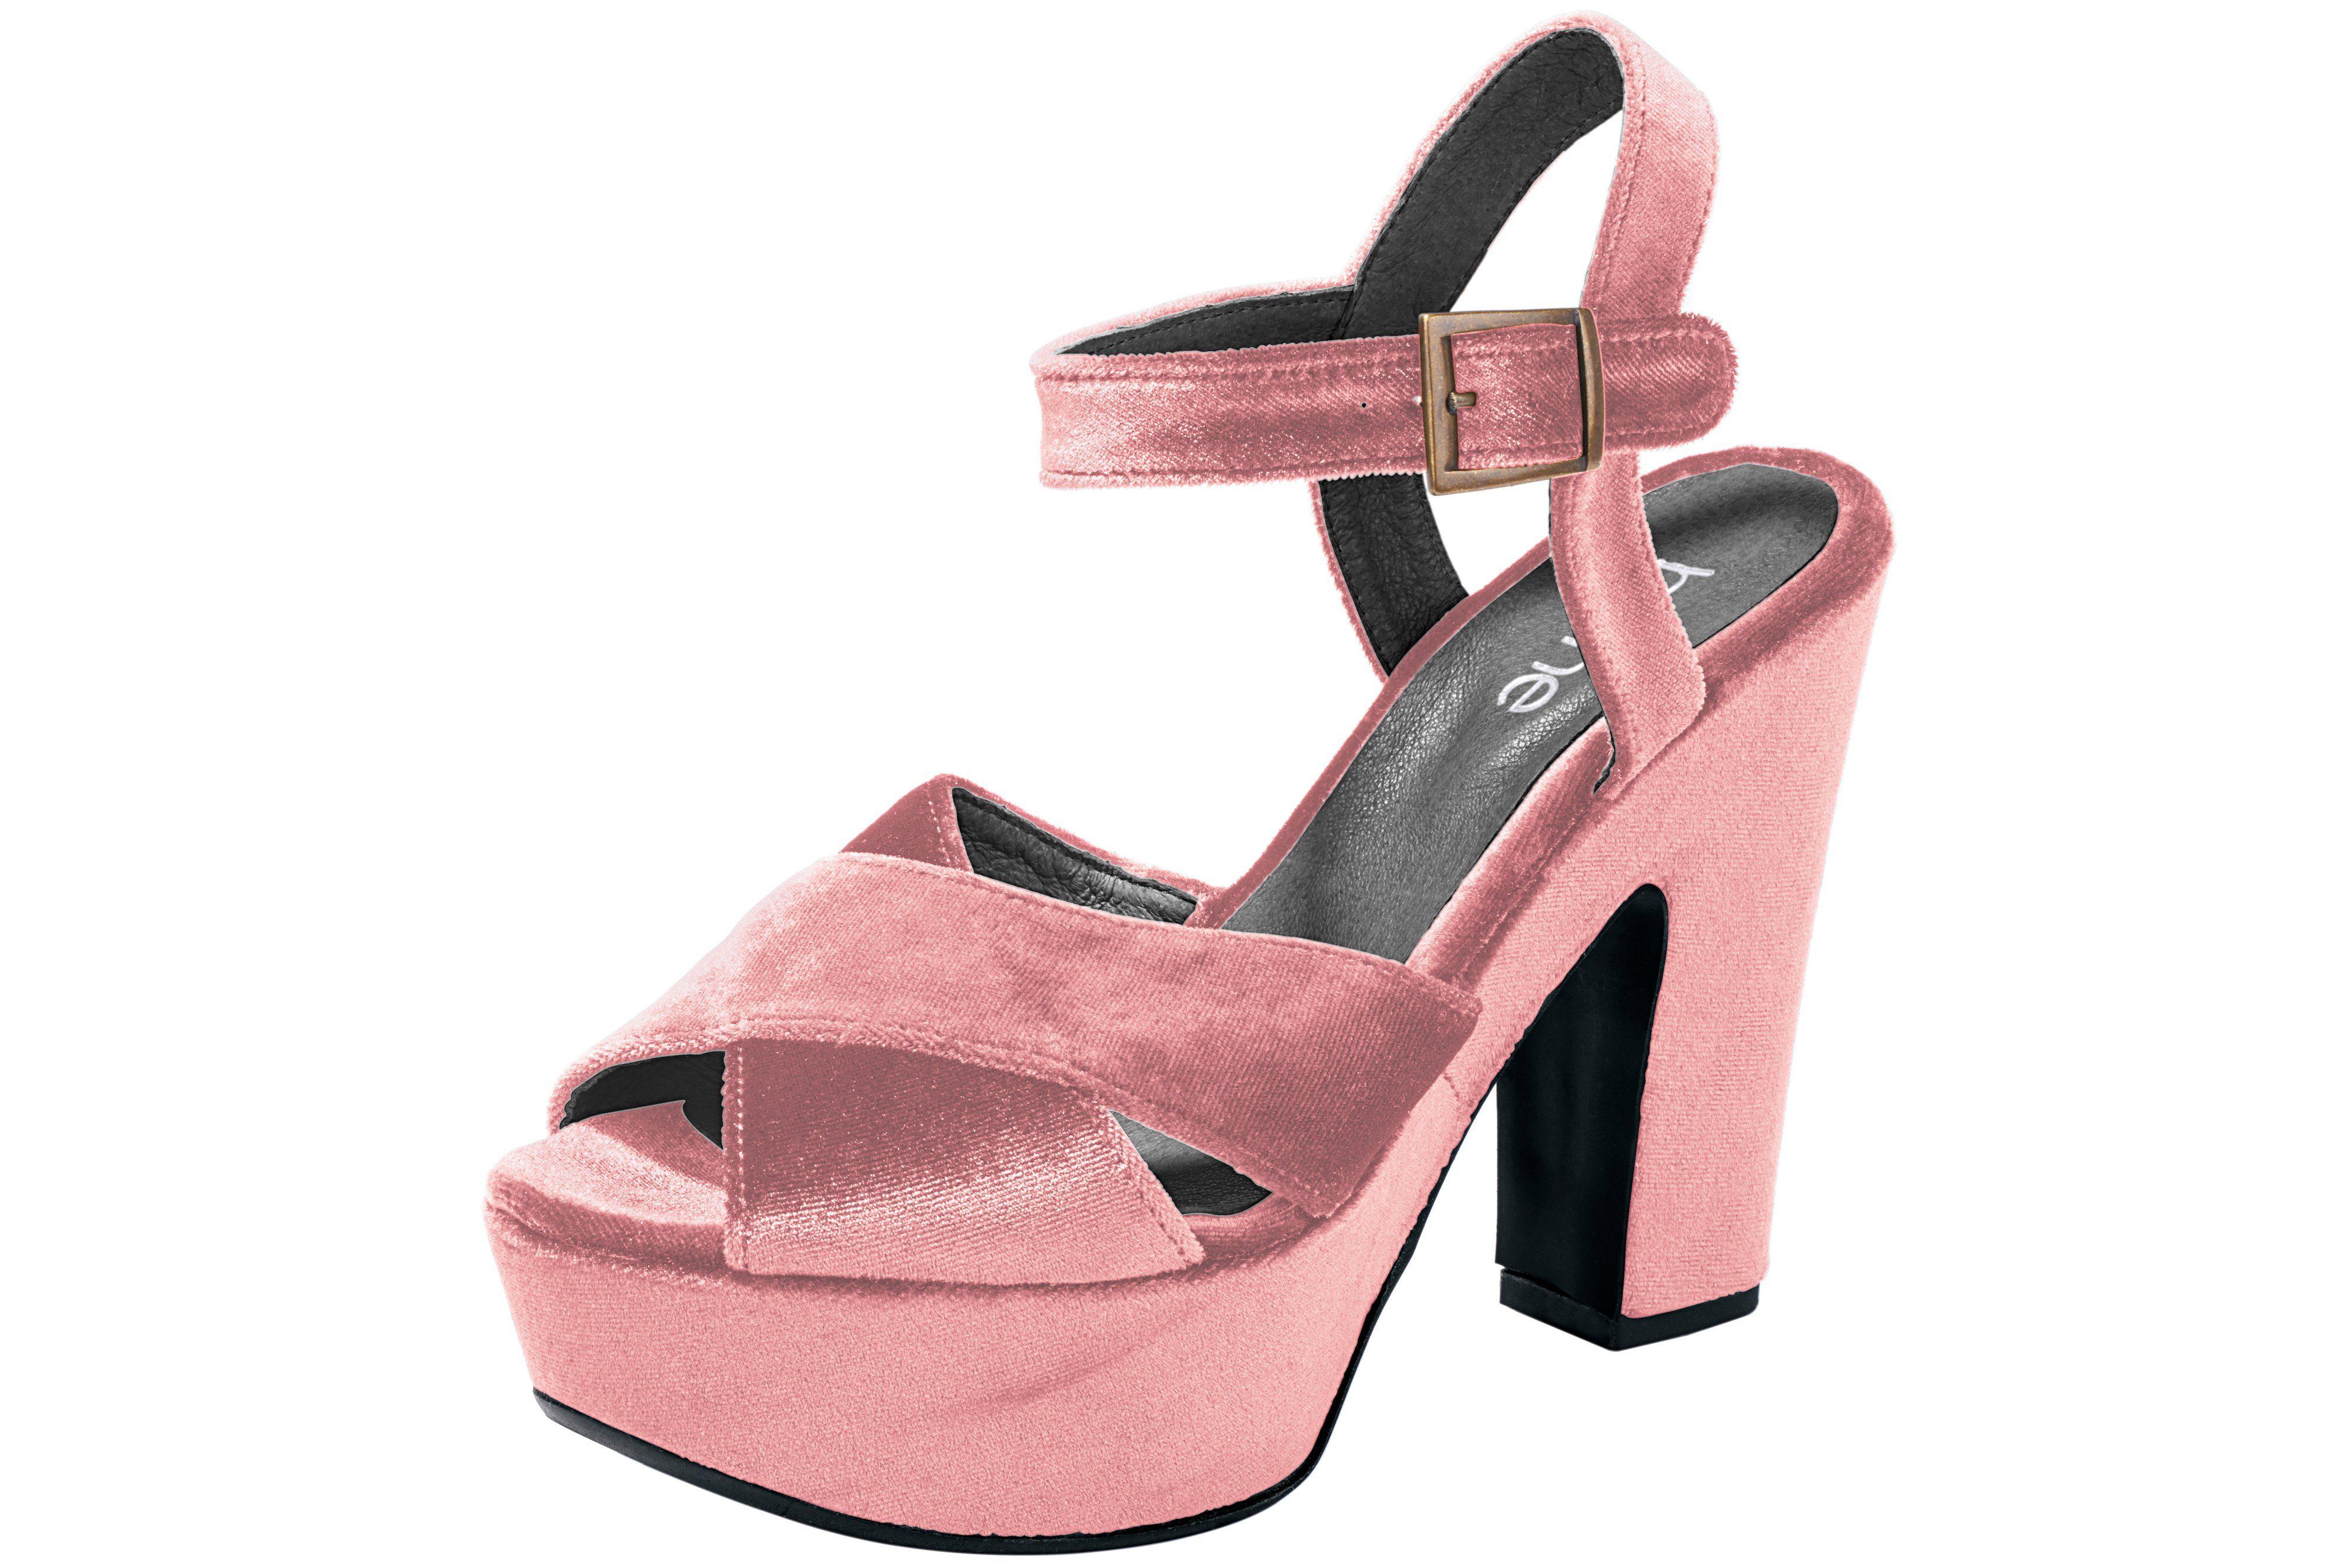 Heine Sandalette online kaufen  rosé